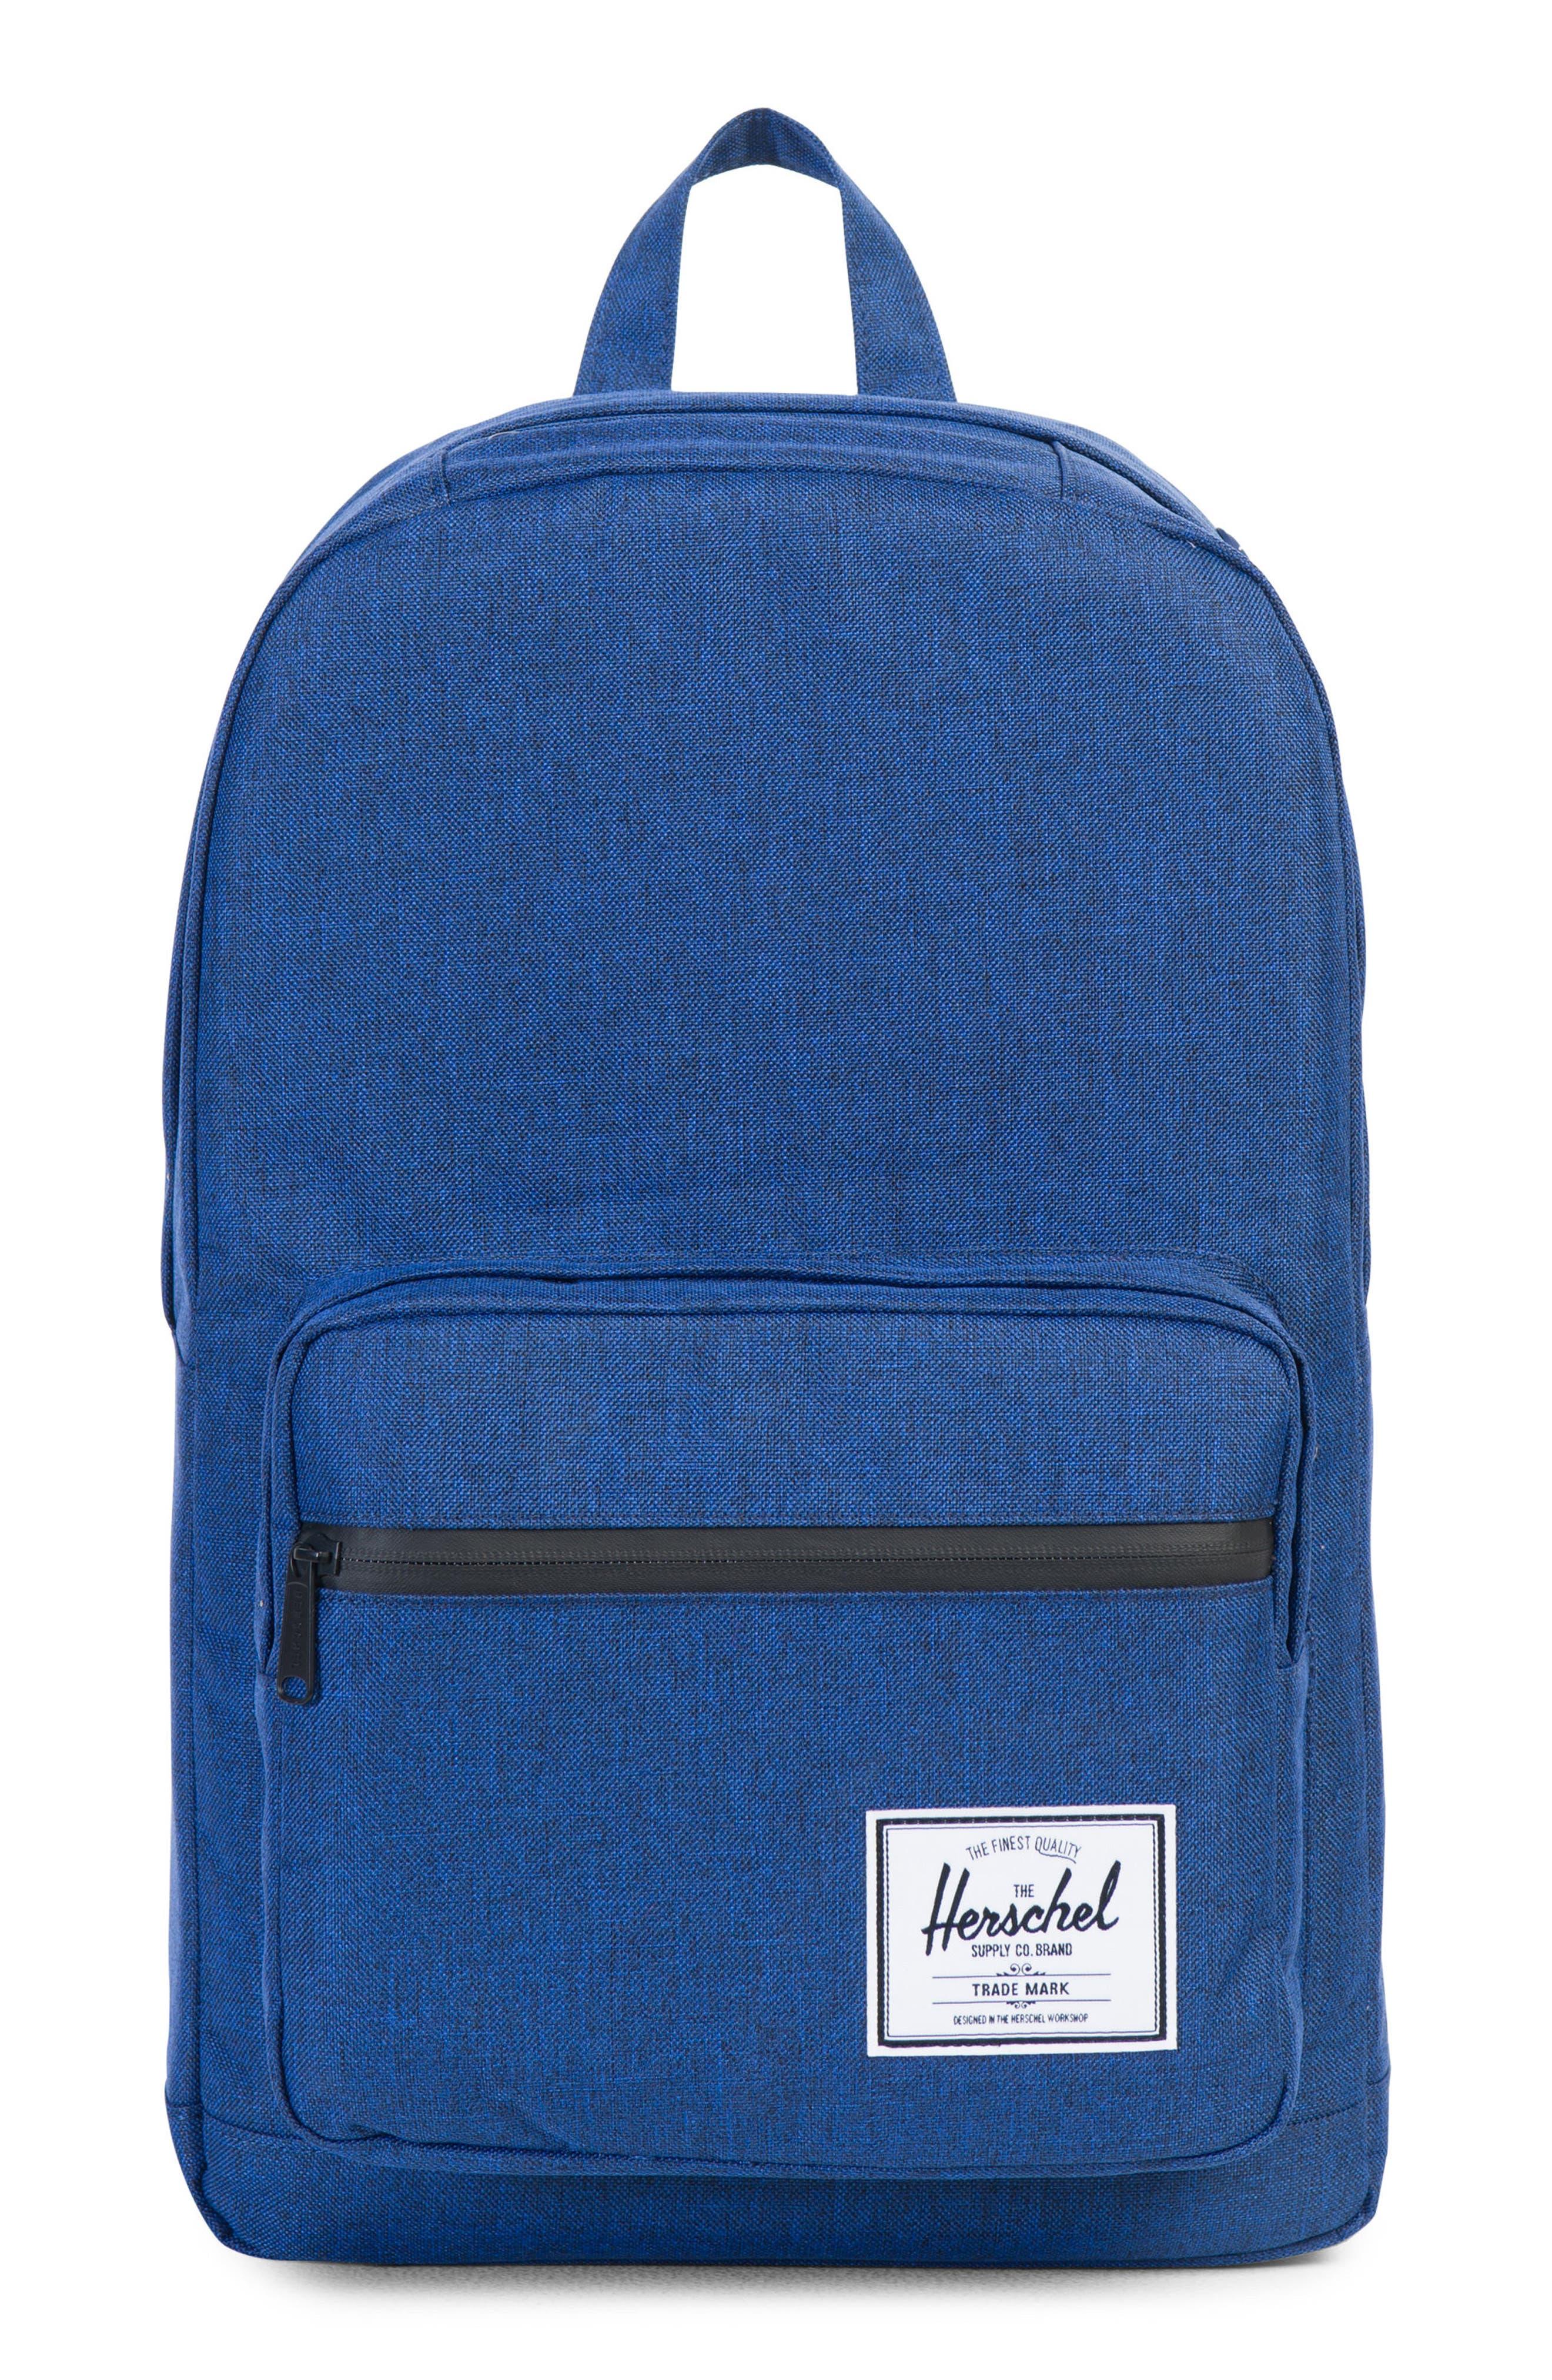 Main Image - Herschel Supply Co. Pop Quiz Backpack